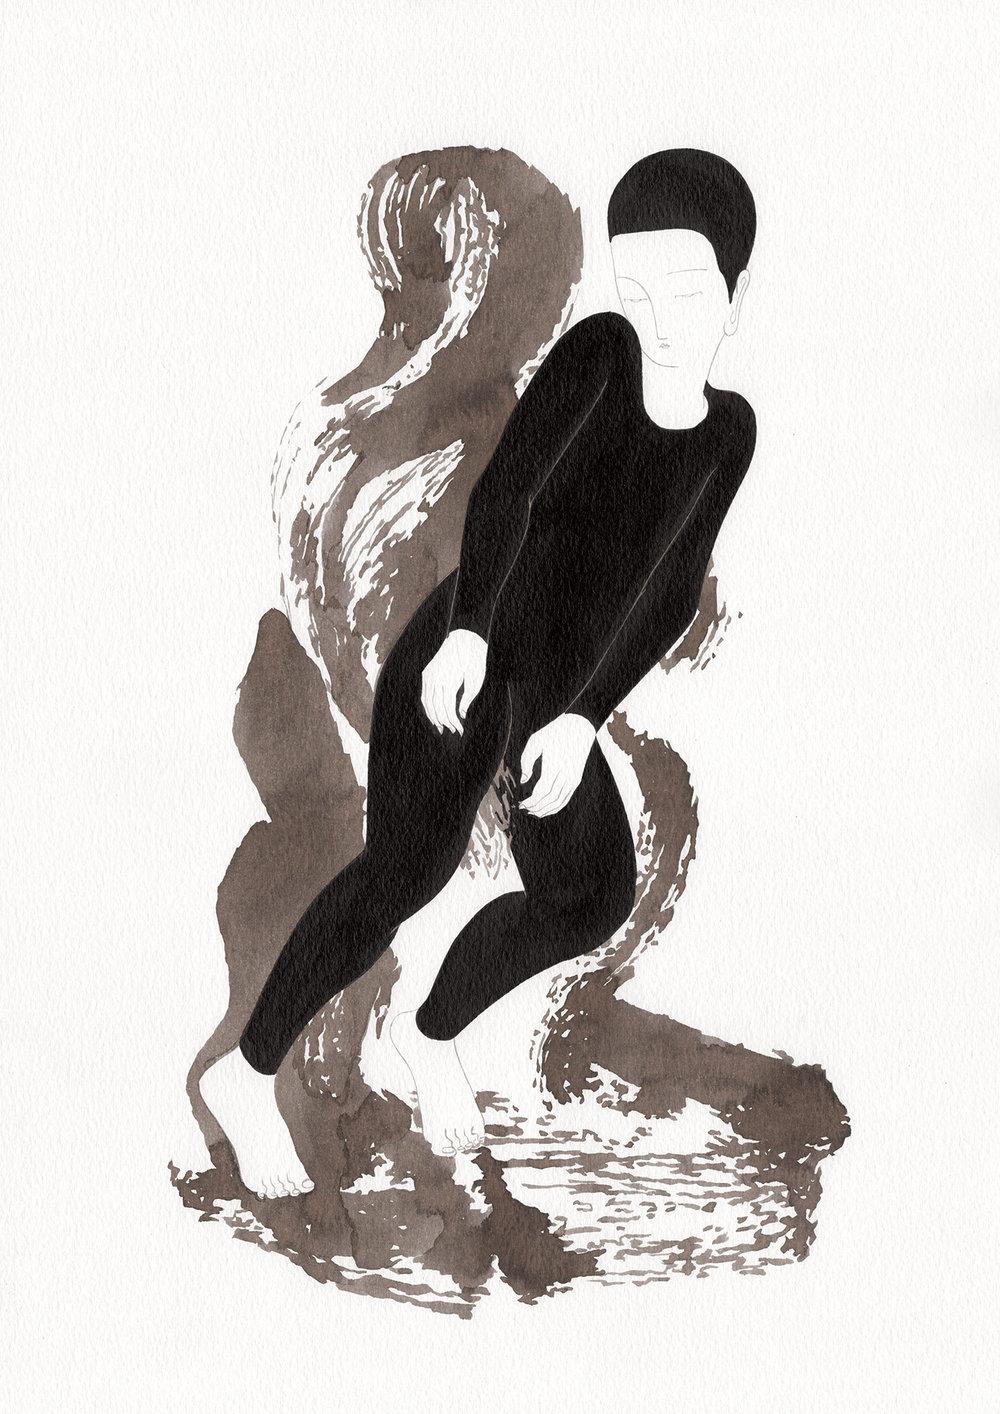 이물감 / Taste of foreign Op.0188P -29.7 x 42 cm,종이에 잉크 / Ink on paper, 2017 inspired by the sculpture,'Fame et Nymphe ou Le Minotaure' byAugust Rodin